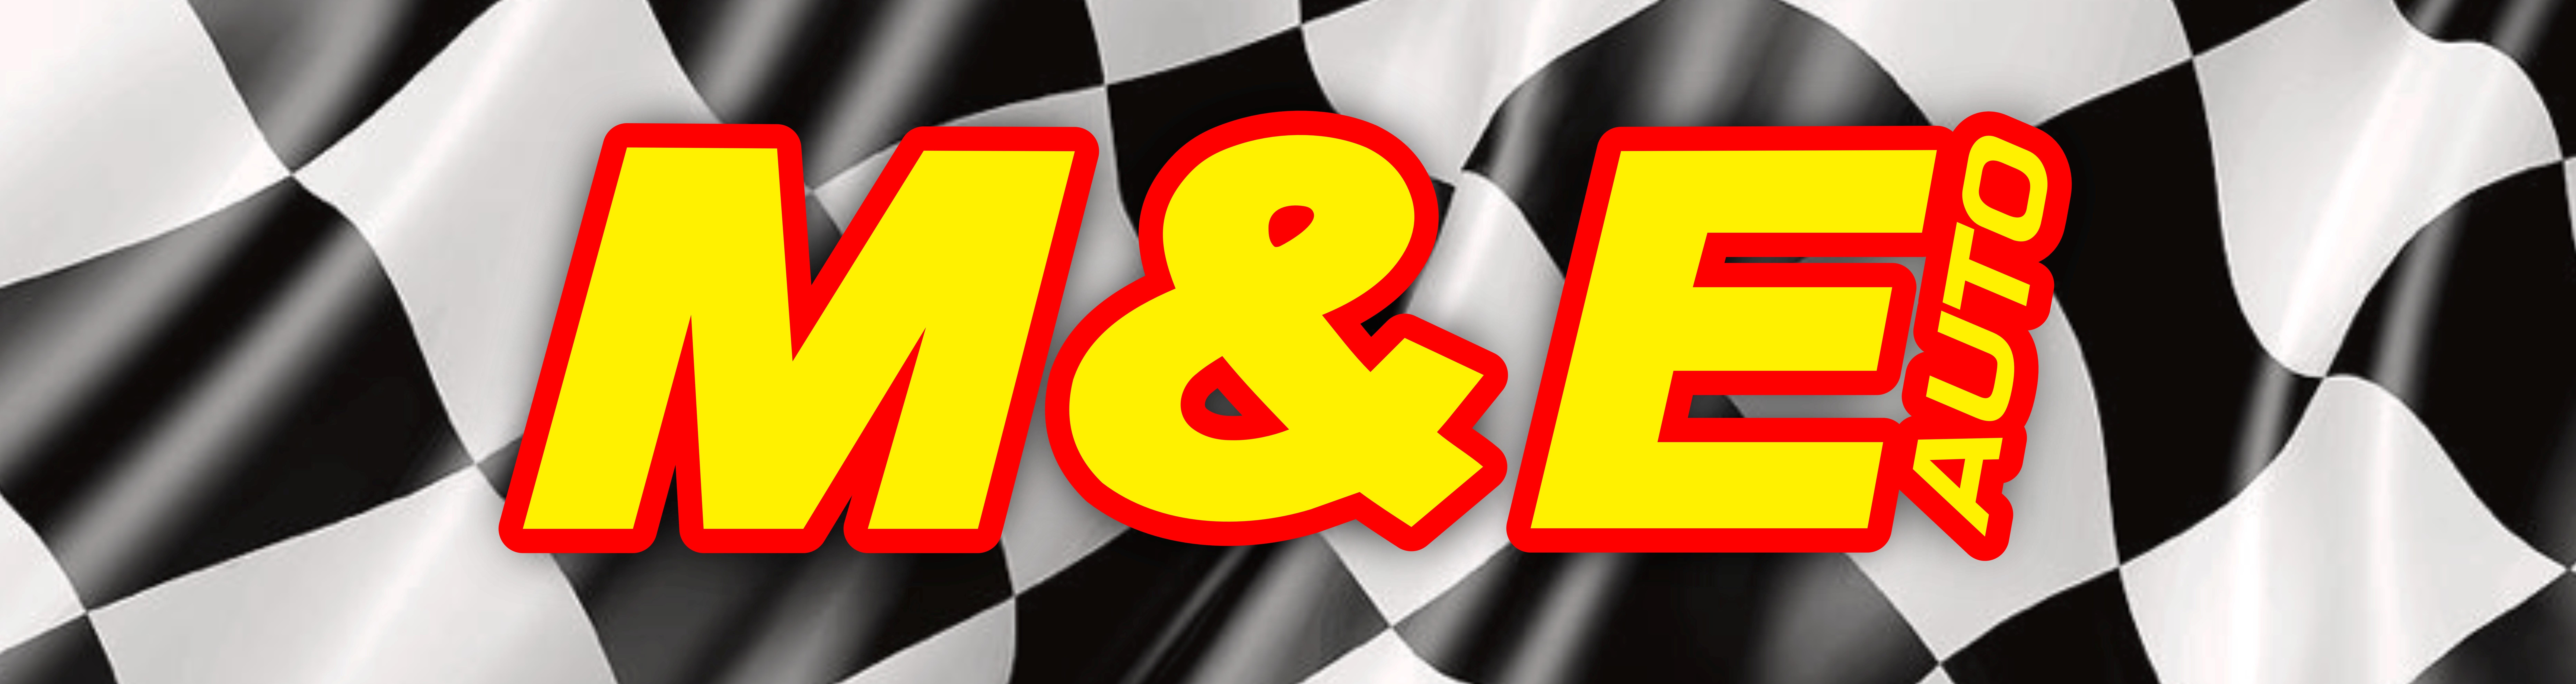 M&E Auto Logo